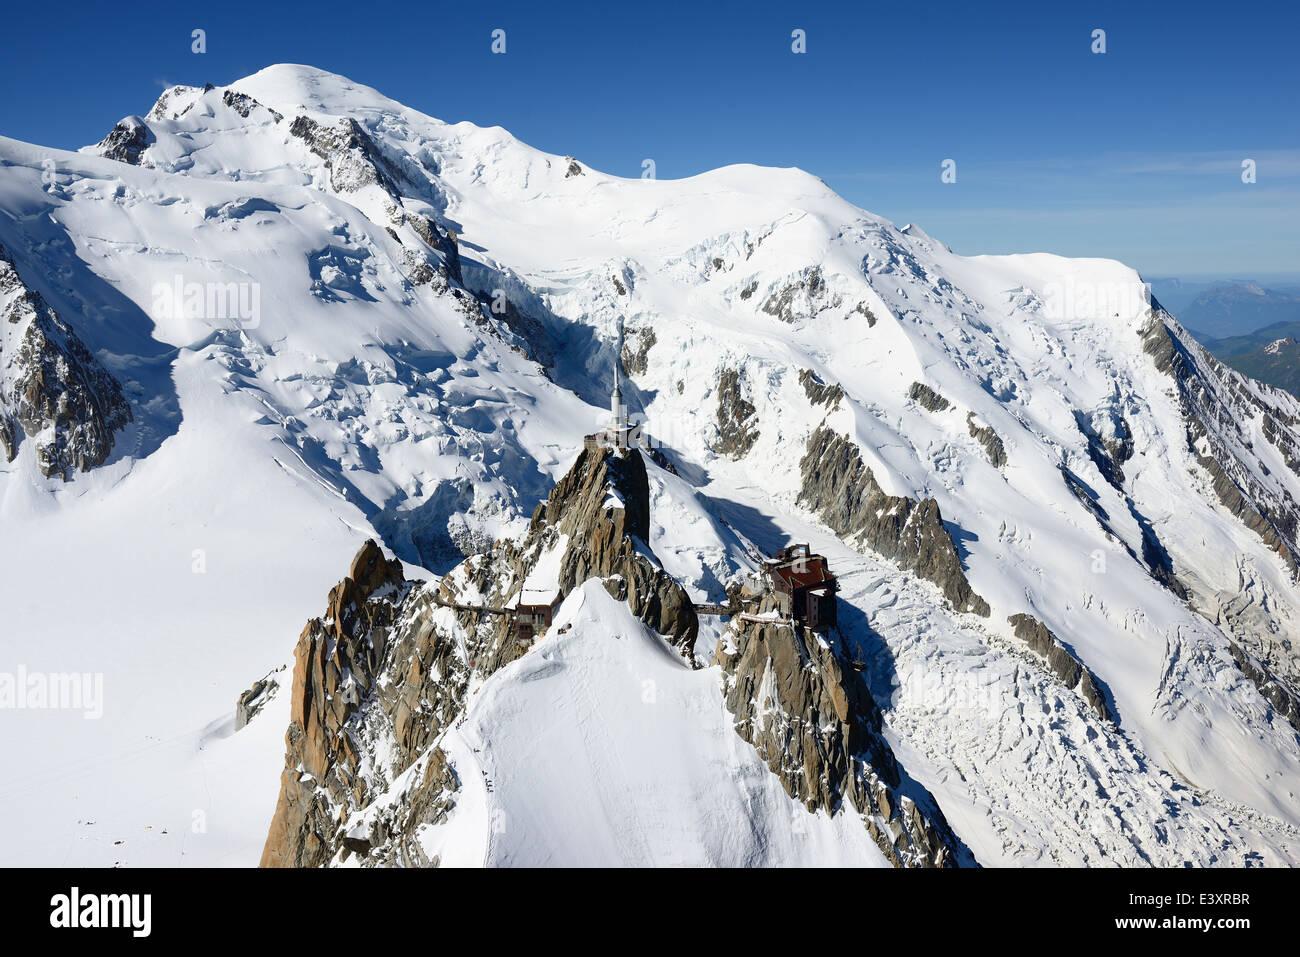 AIGUILLE DU MIDI 3842m & MONT-BLANC 4810m (aerial view). Chamonix Mont-Blanc, Haute-Savoie, Rhône-Alpes, - Stock Image